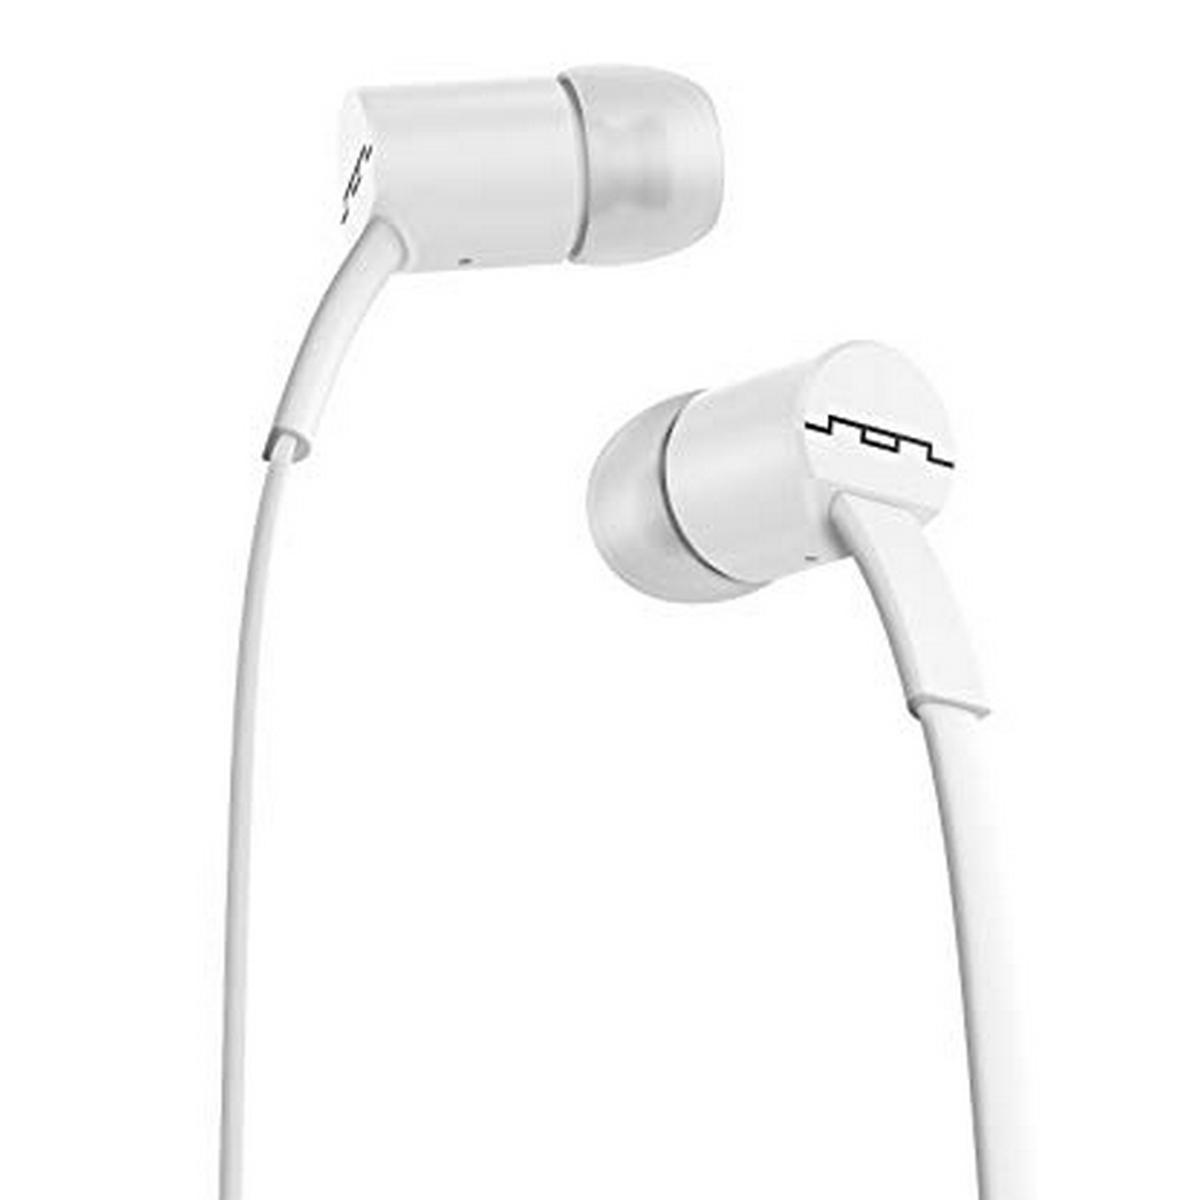 หูฟัง (สีขาว) รุ่น EP1112